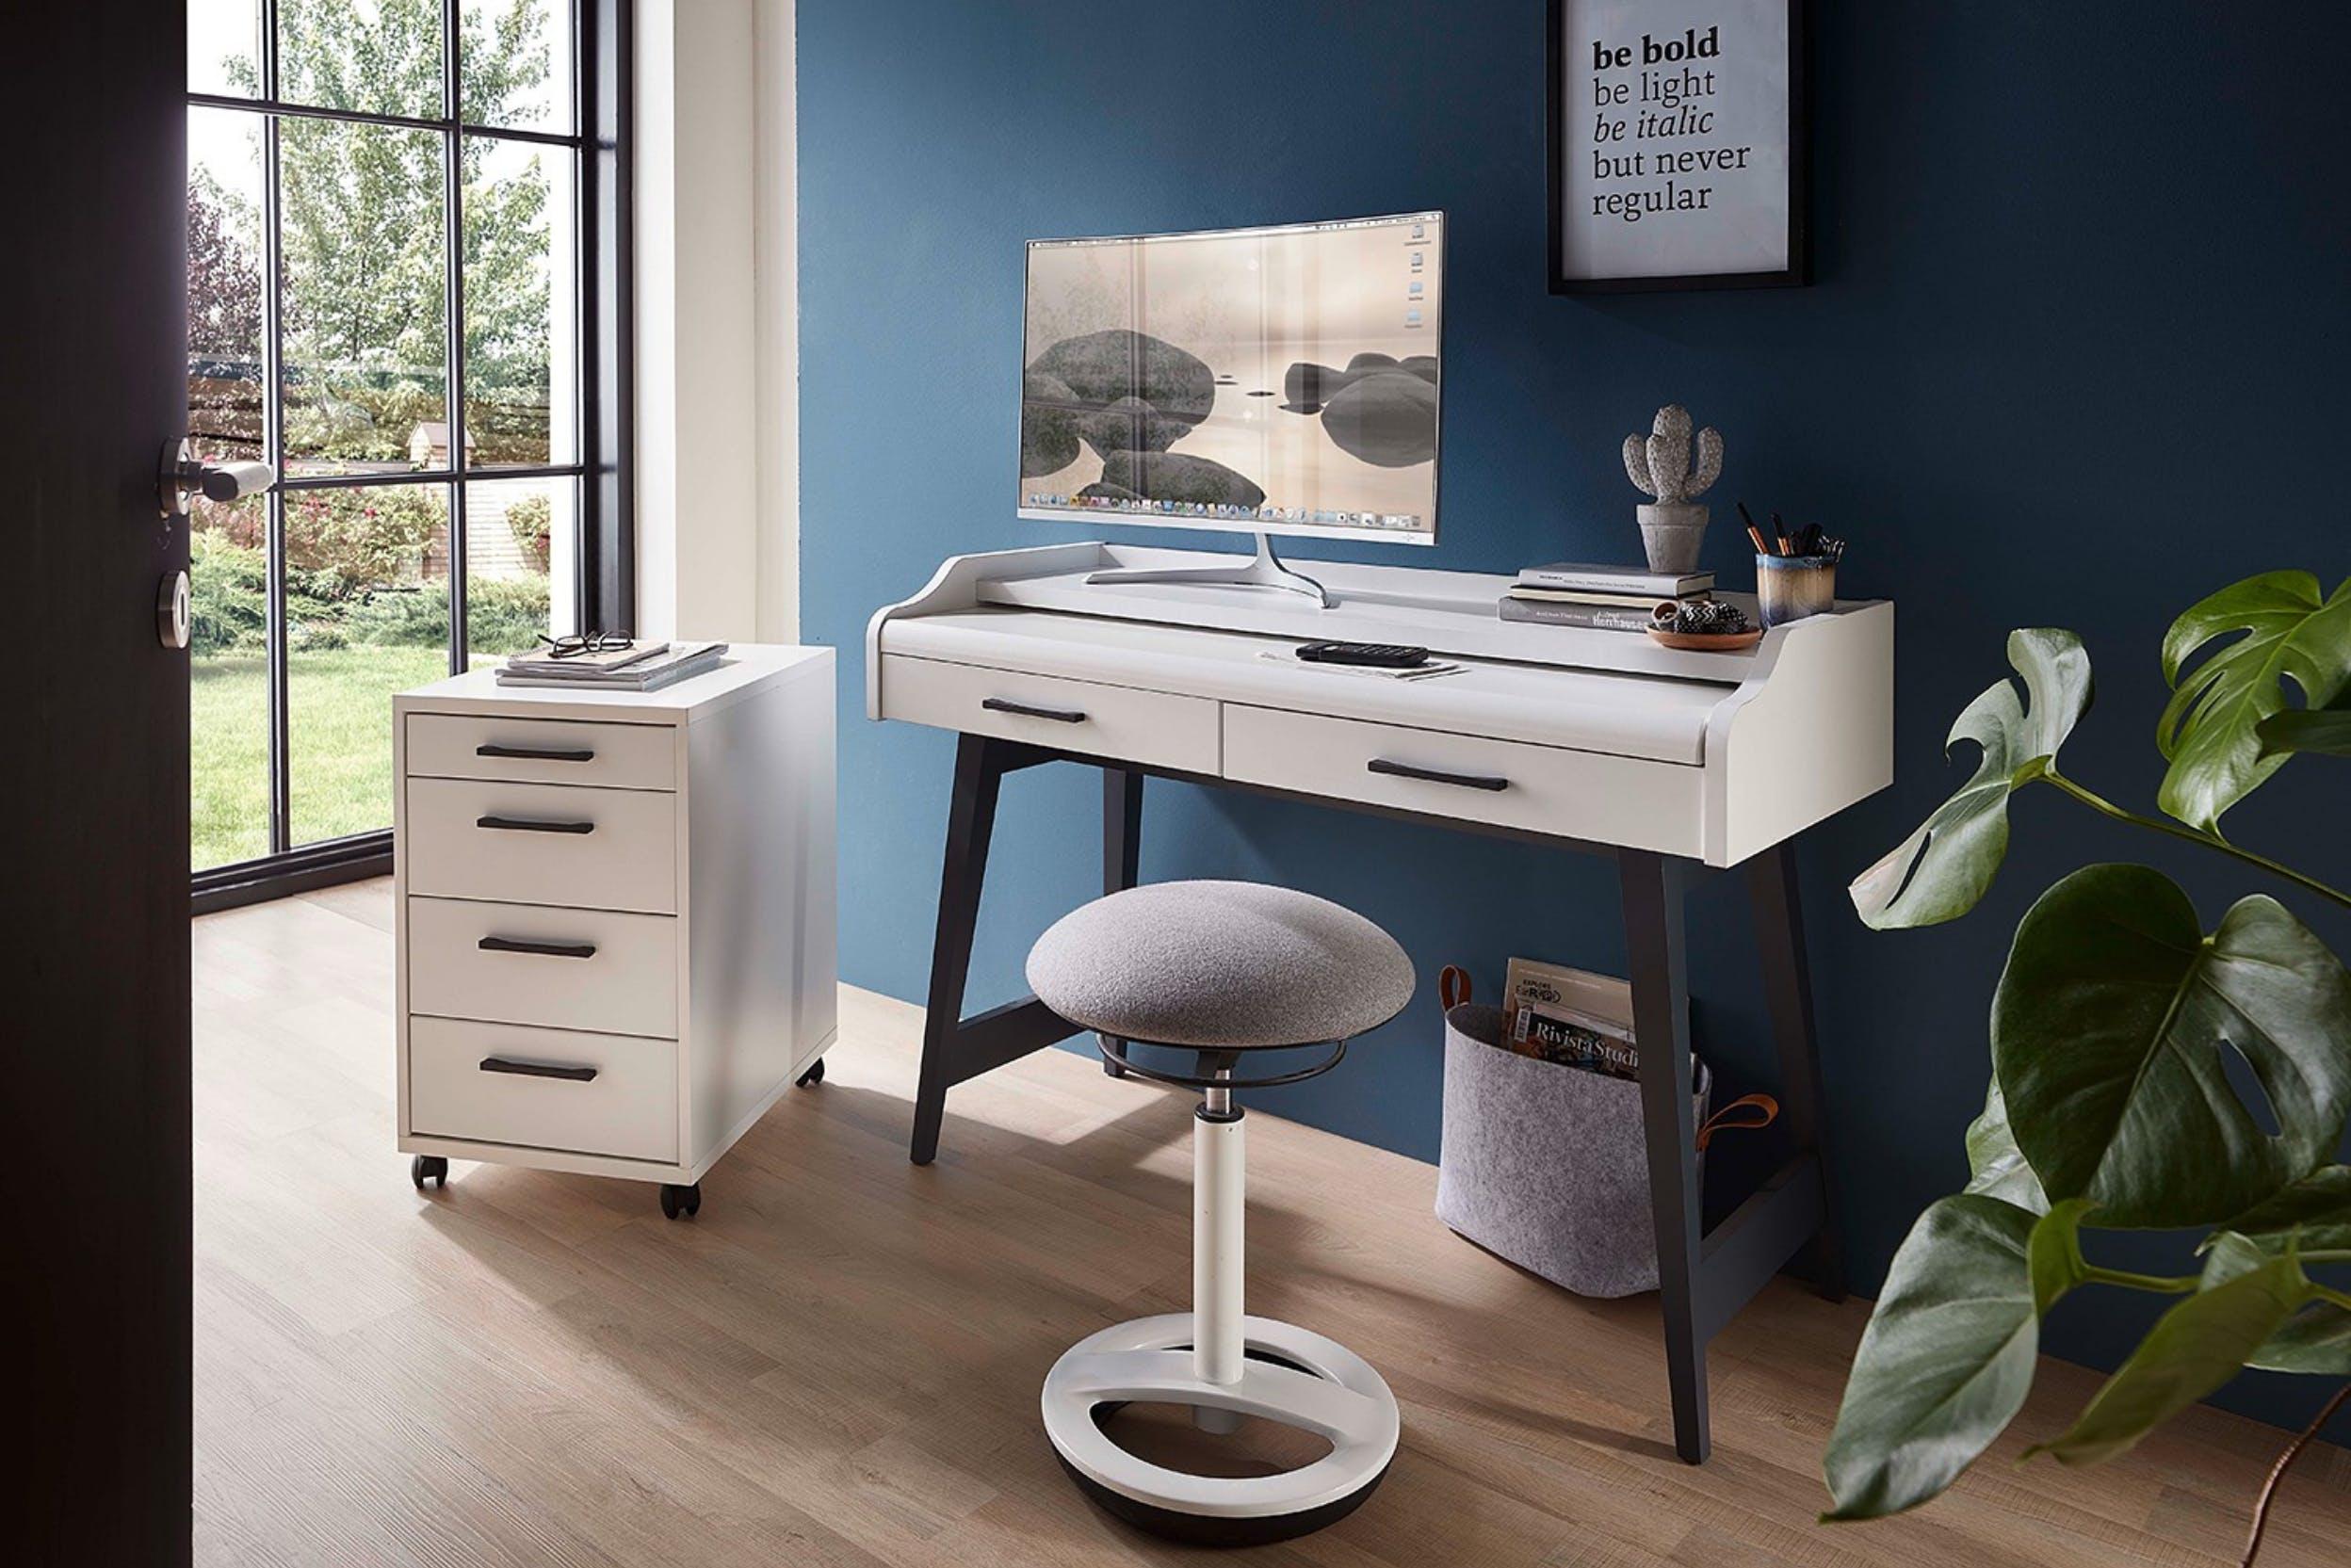 Schmaler Schreibtisch vor dunkelblauer Wand umrandet von Rollcontainer, Bildern und Pflanzen